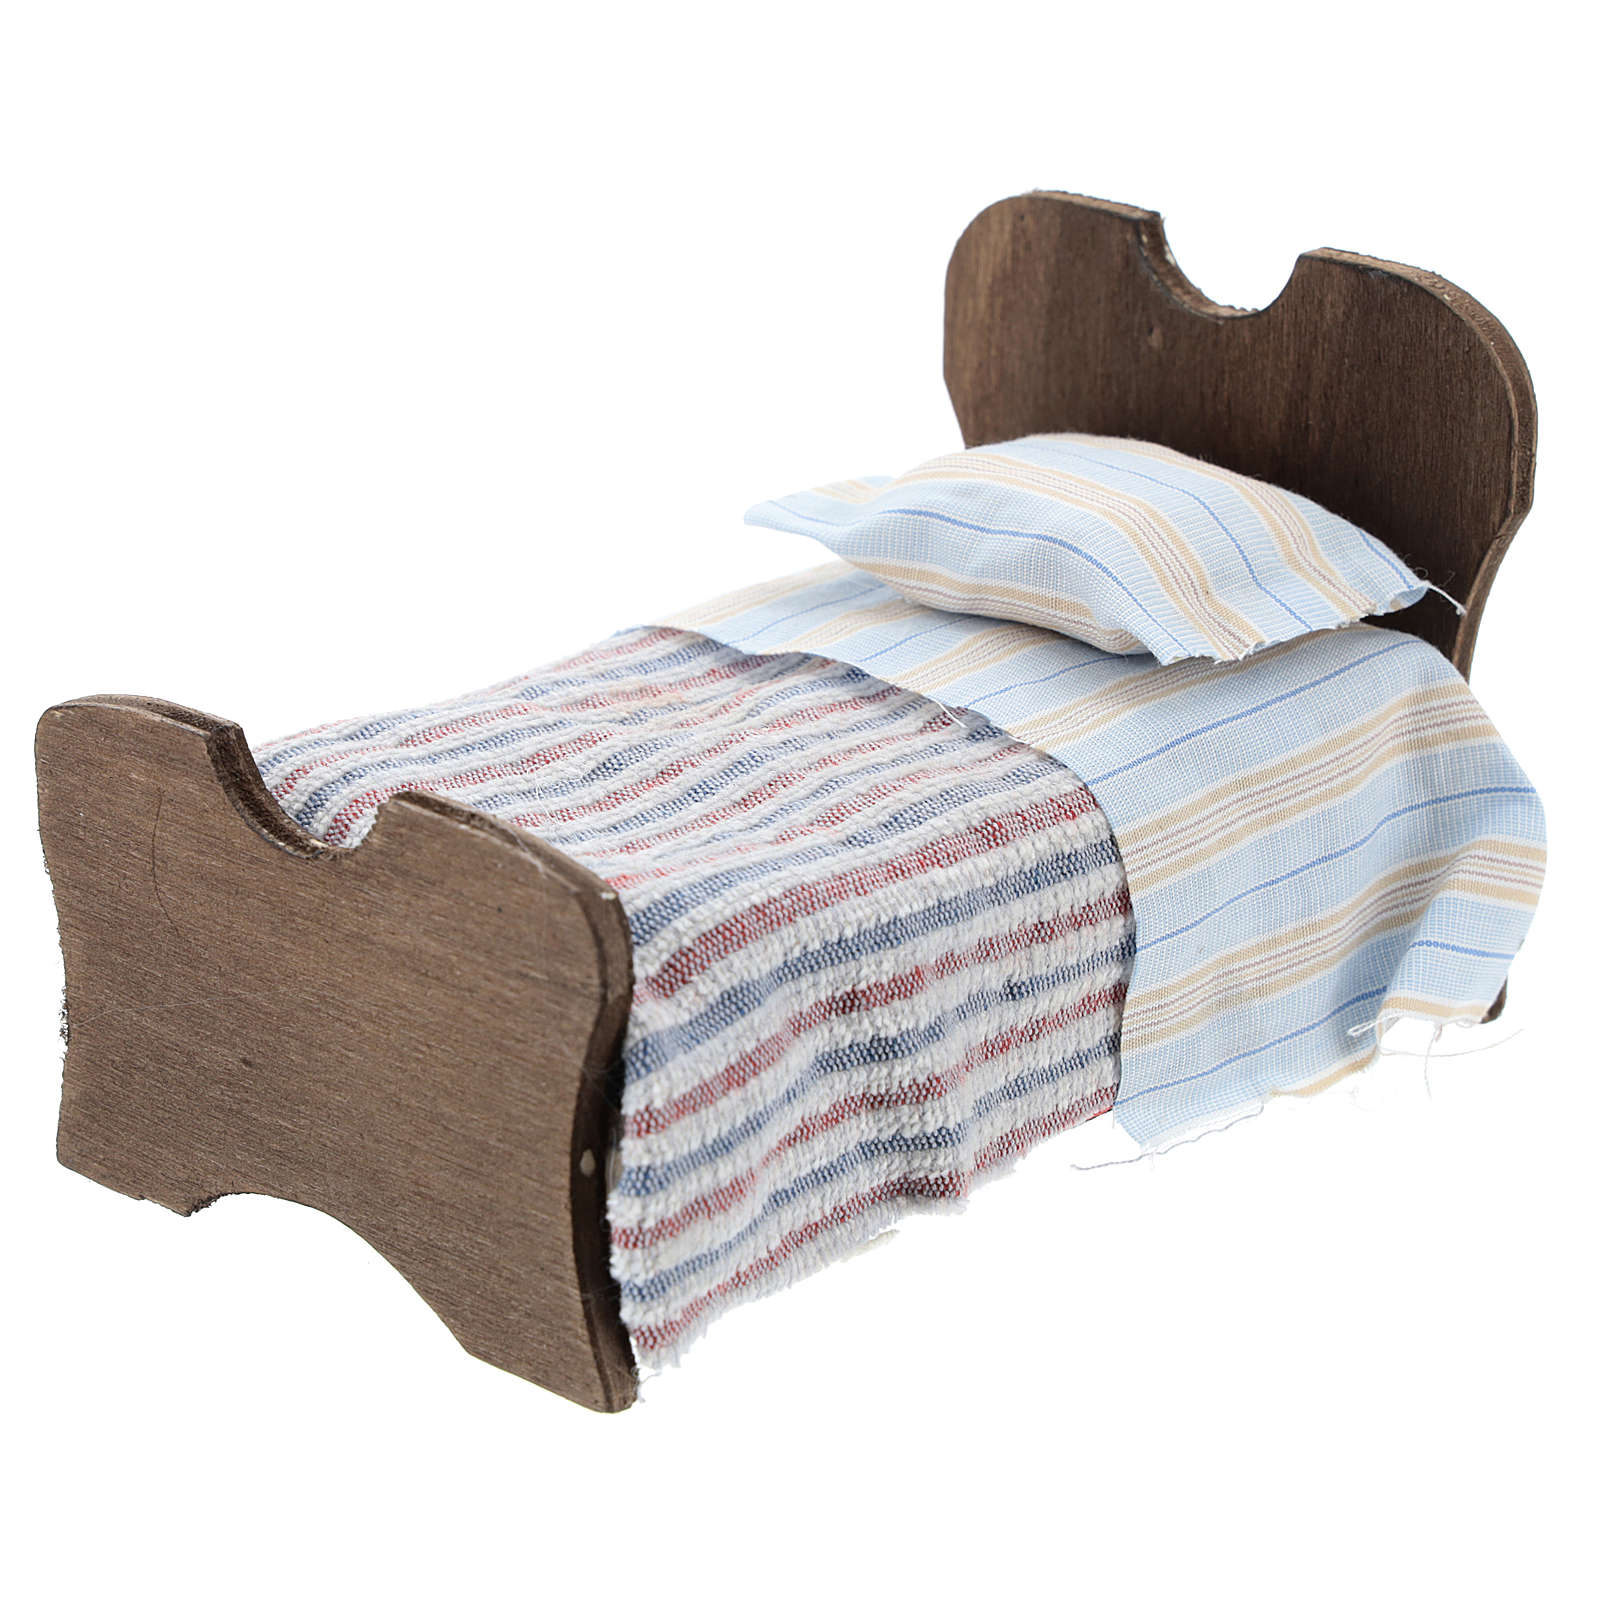 Letto in legno lenzuolo e coperta in tessuto 10 cm 4